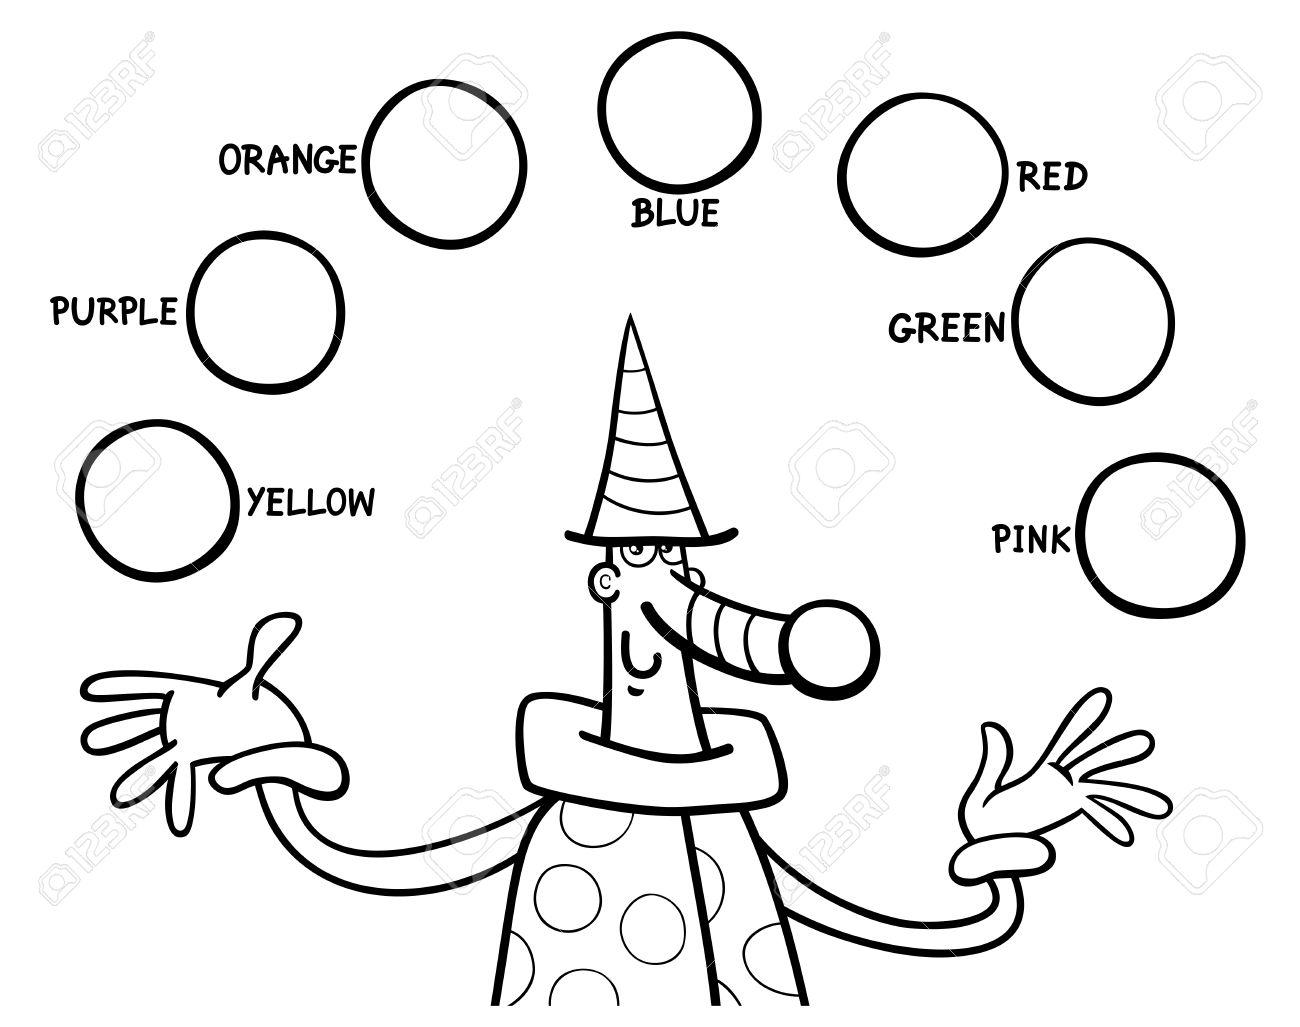 Dibujos Animados De Blanco Y Negro Ilustracion De Los Colores